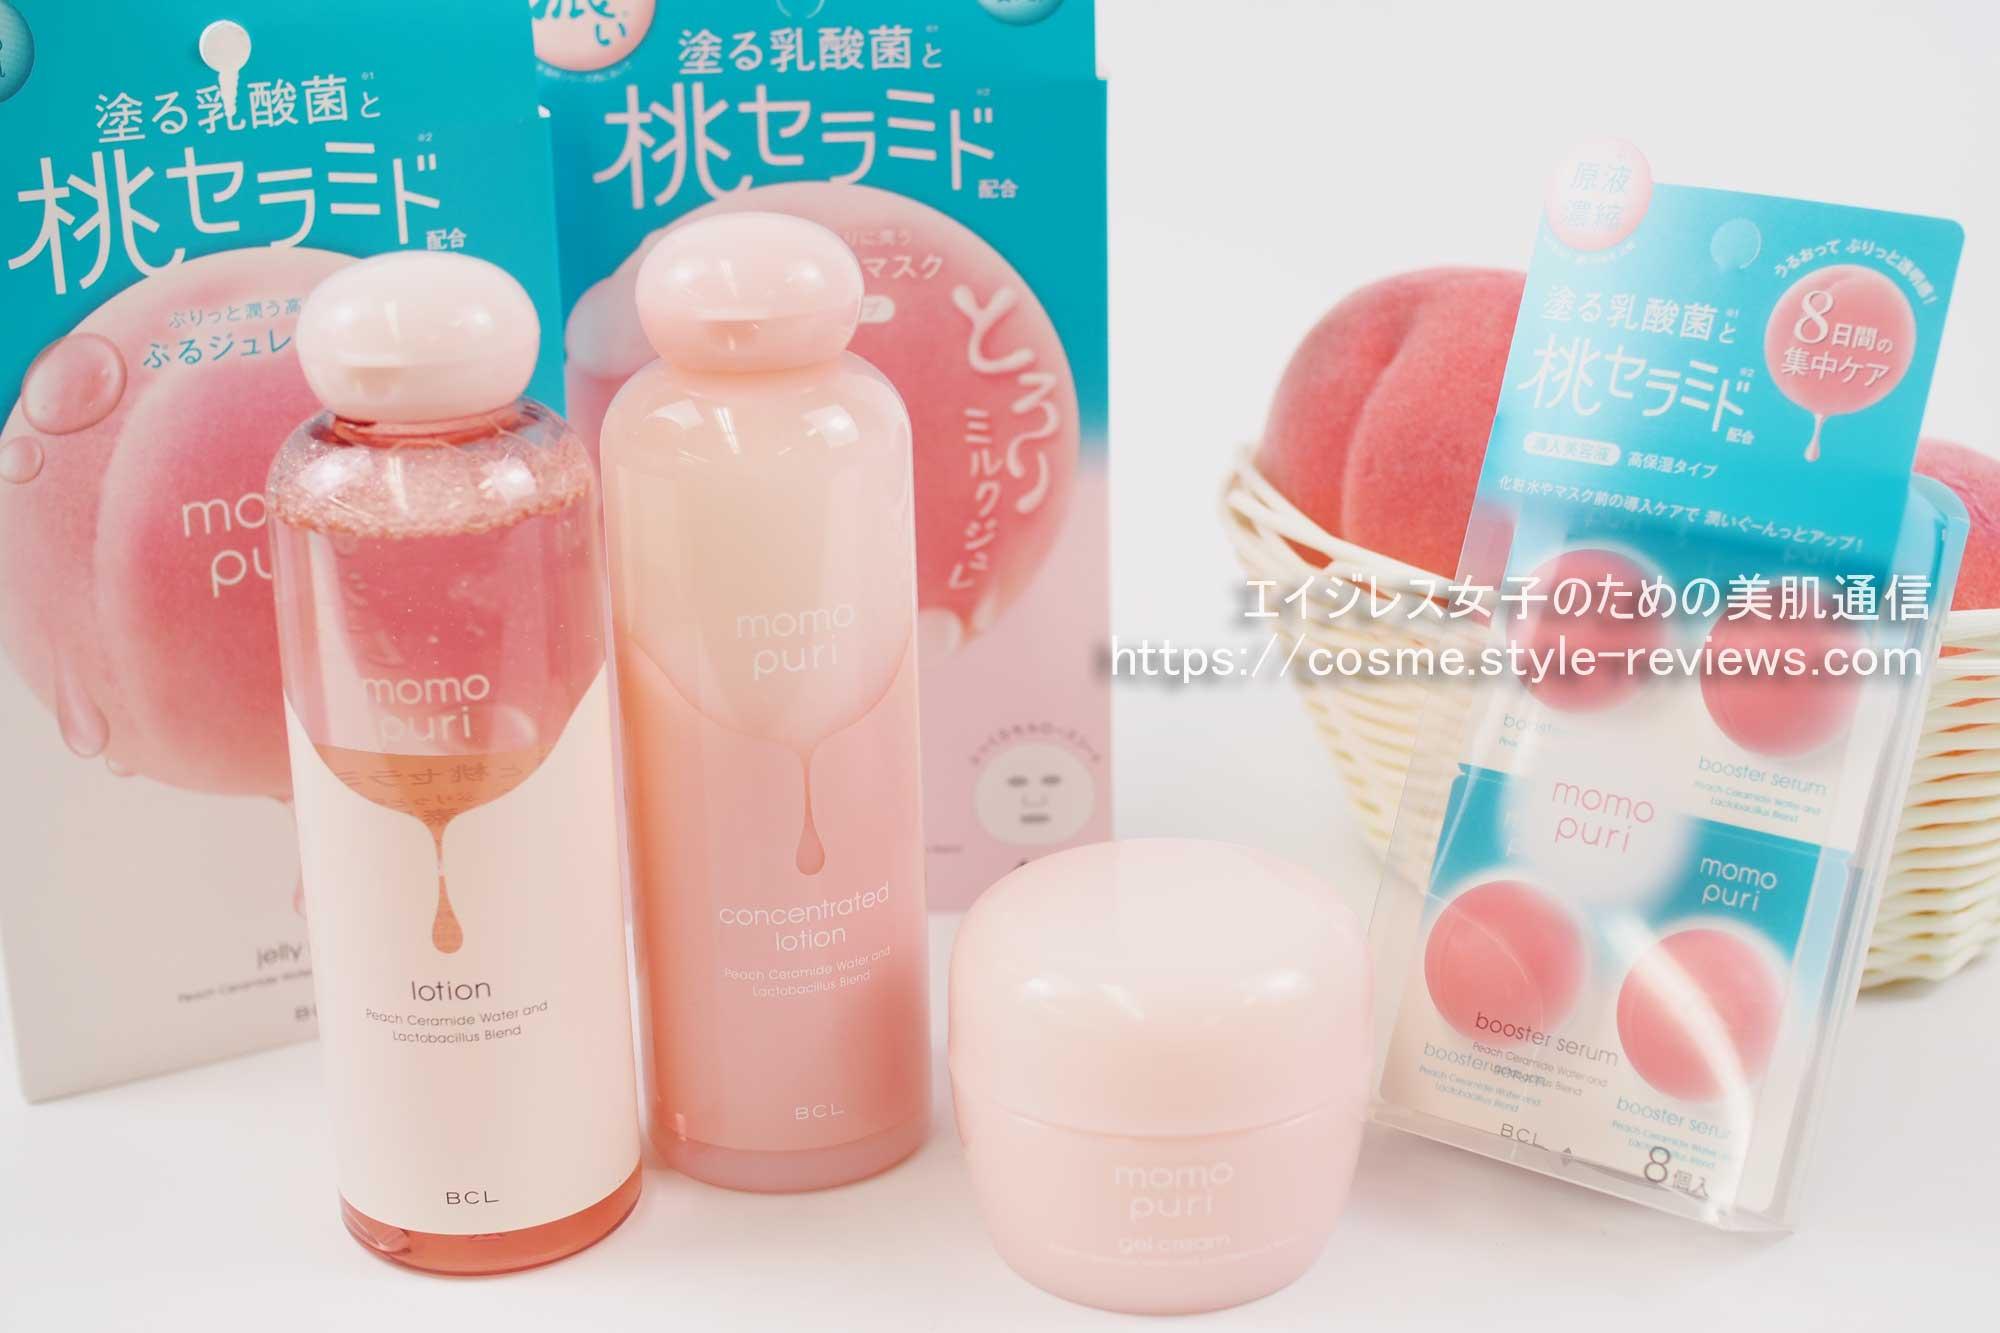 塗る乳酸菌と桃セラミド配合「ももぷり」